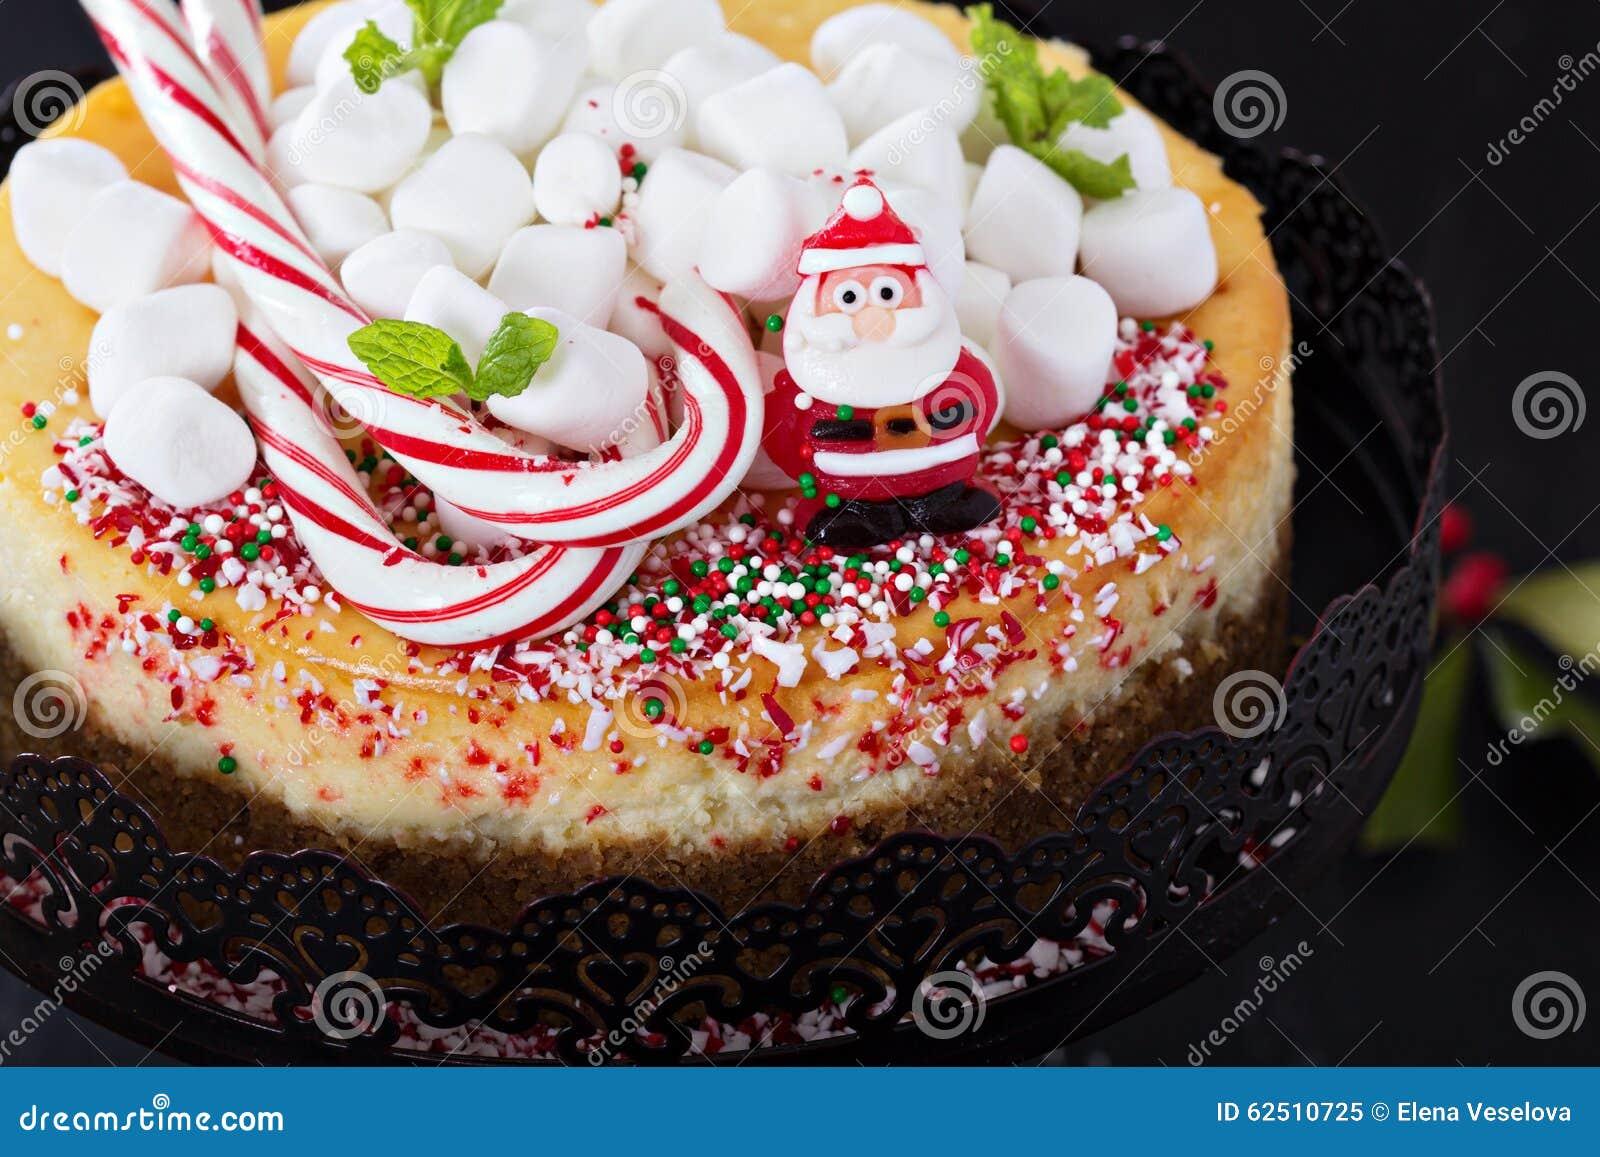 Torte Decorate Per Natale torta di formaggio decorata per il natale immagine stock